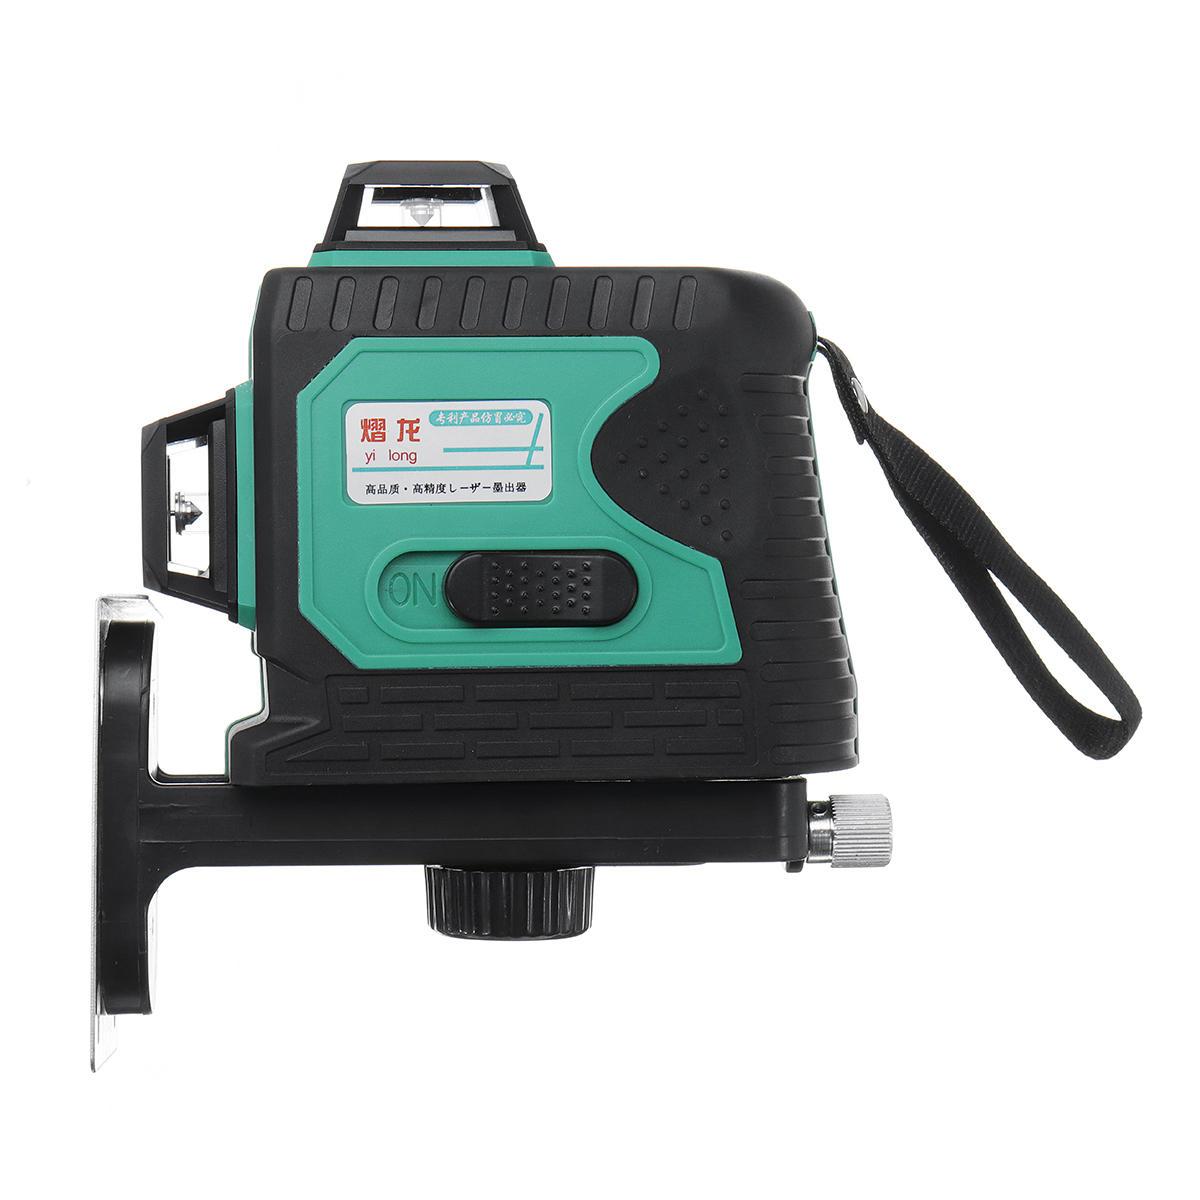 EleksMaker® EleksZAxis Adjustable Z Axis Laser Module Motor Holder DIY Kit for A3 A5 Engraver - 2